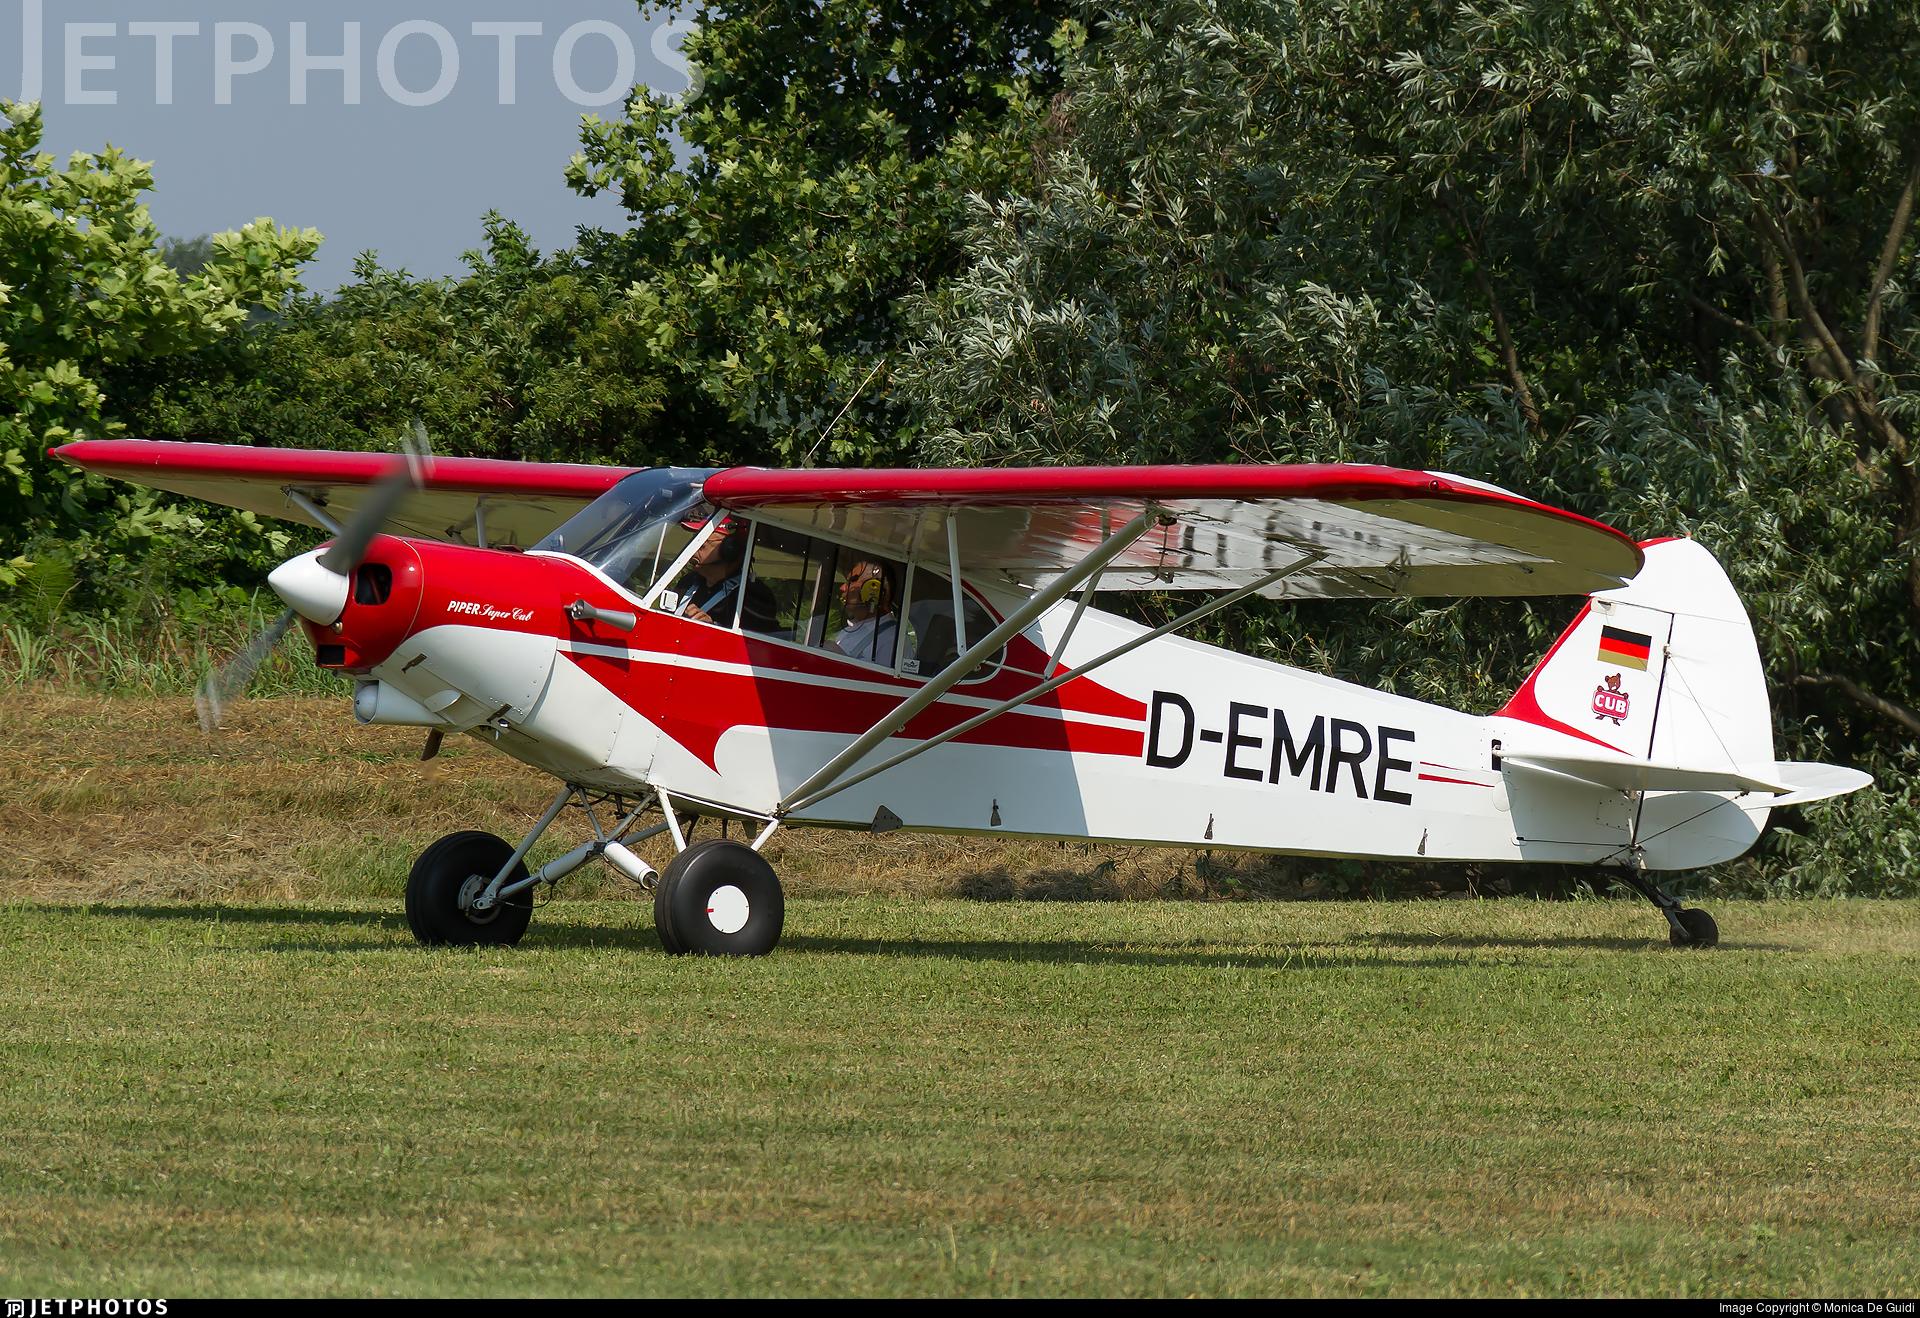 D-EMRE - Piper PA-18-150 Super Cub - Private